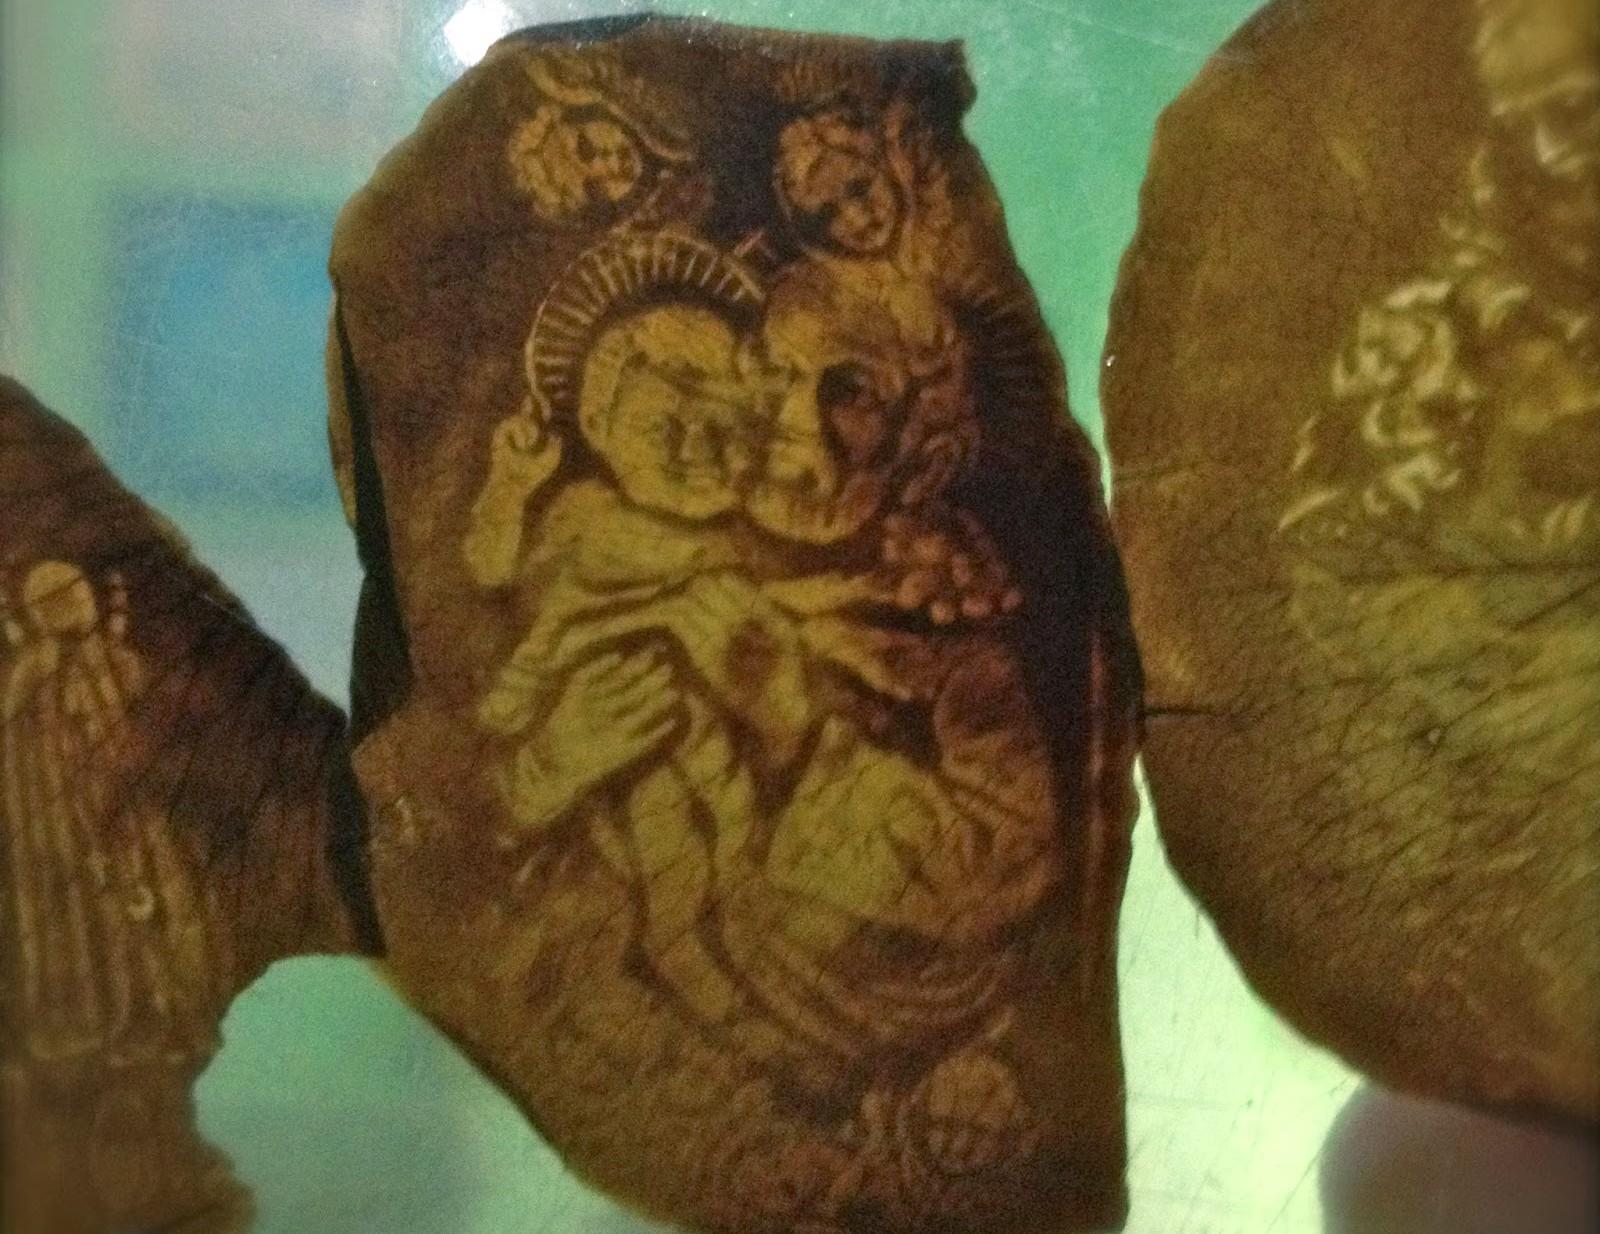 Fantástica Materialización de Pétalos de Rosa con Imágenes Religiosas